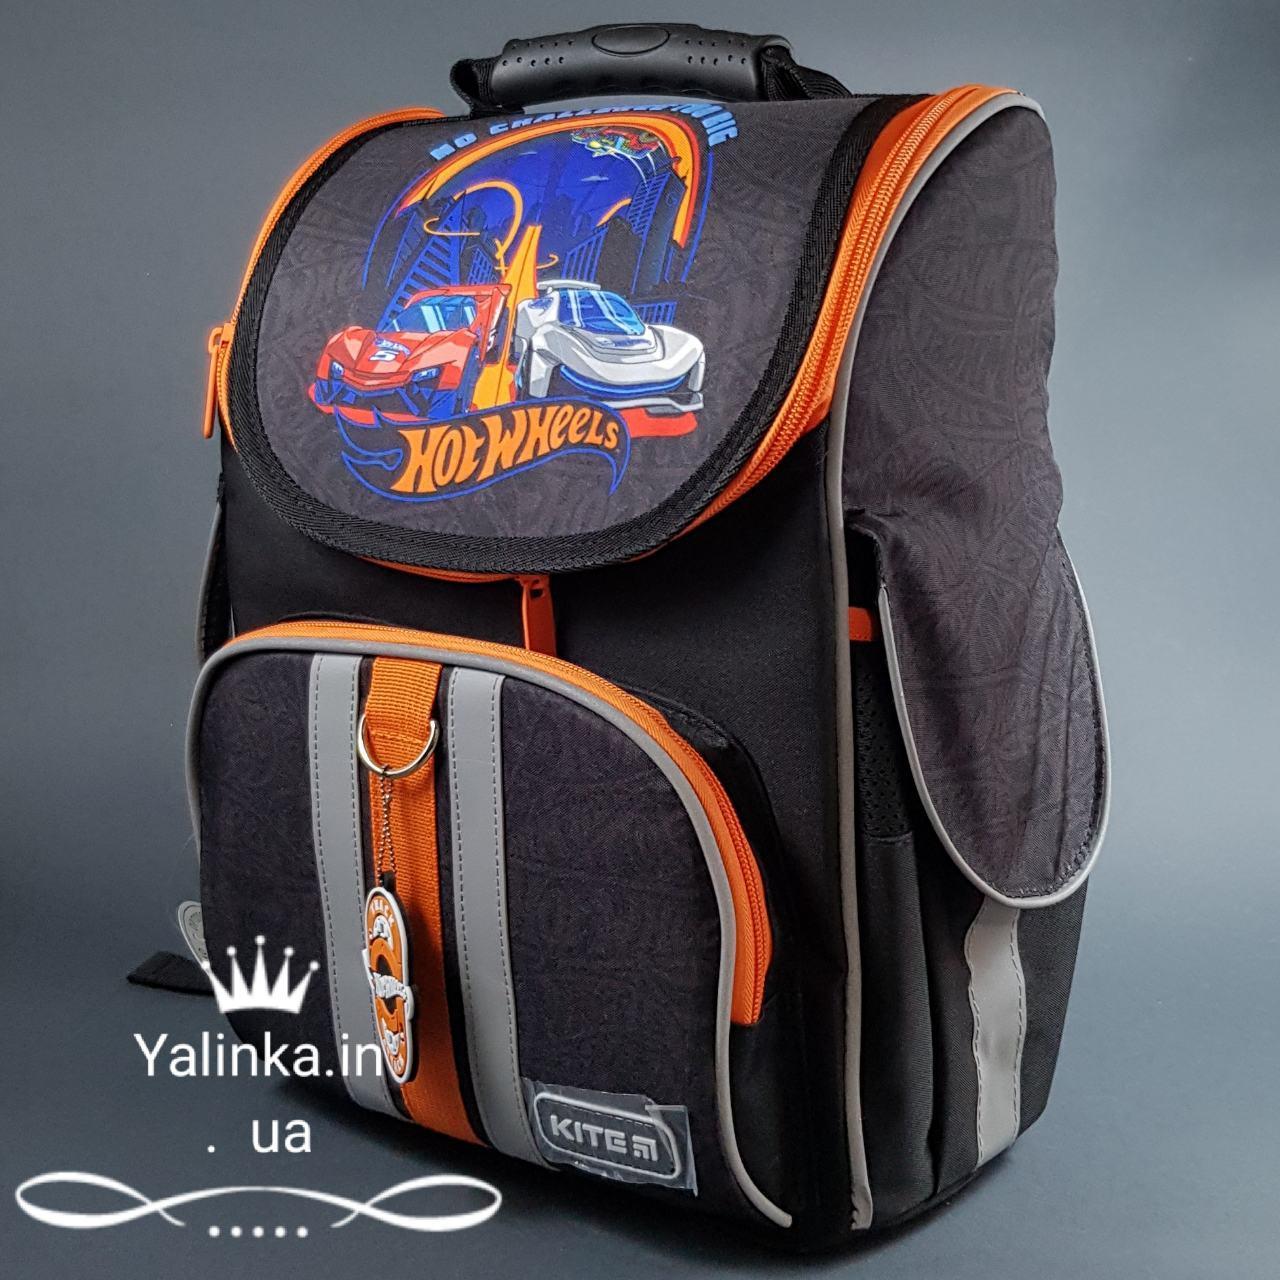 Рюкзак школьный каркасный Kite Education 501 HW-2 HW19-501S-2 ранец  рюкзак школьный hfytw ranec